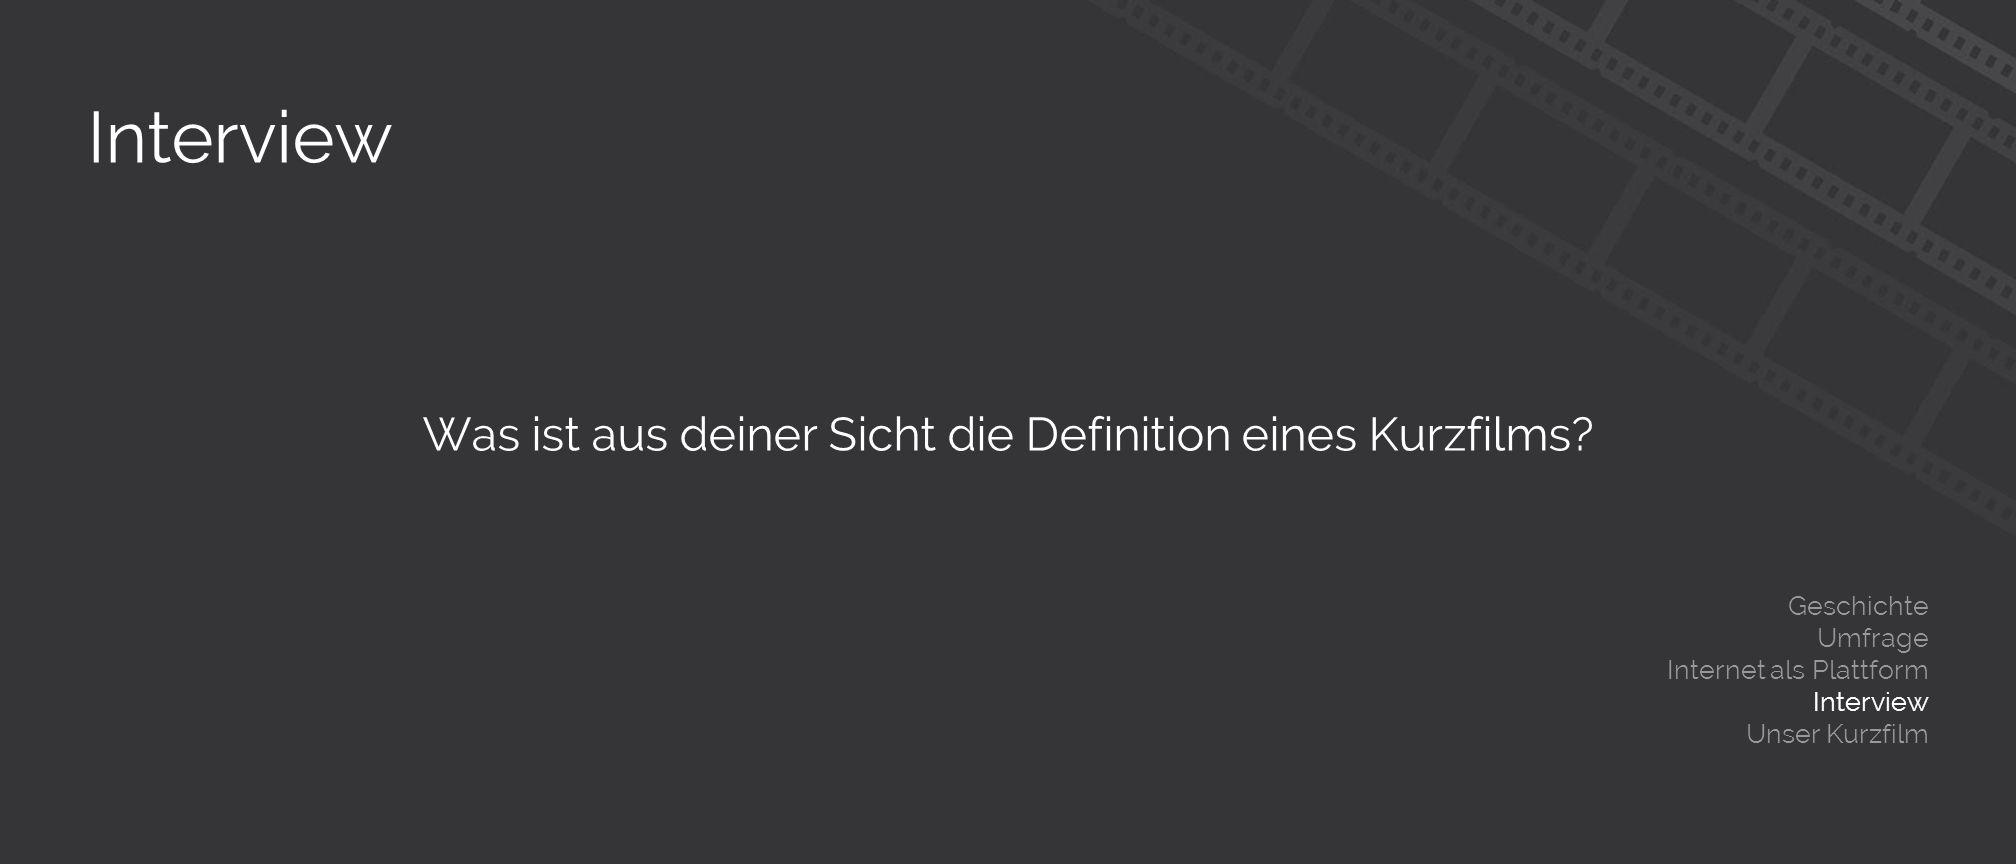 Interview Was ist aus deiner Sicht die Definition eines Kurzfilms.